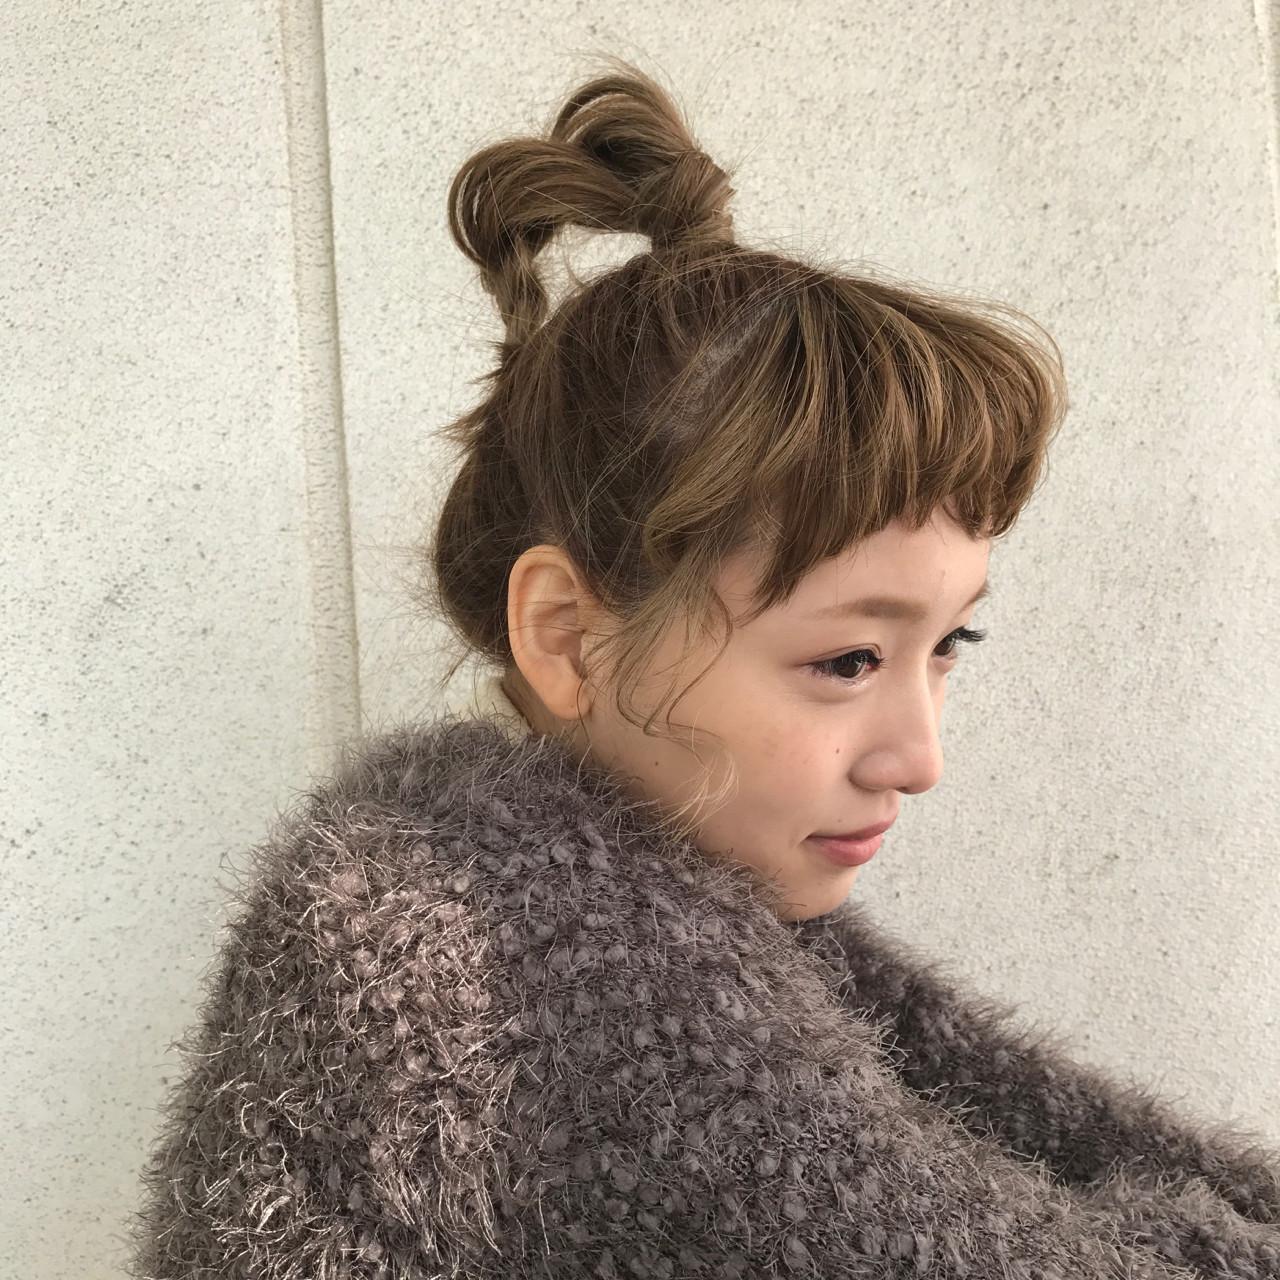 ミディアム ショート ハイトーン ヘアアレンジ ヘアスタイルや髪型の写真・画像